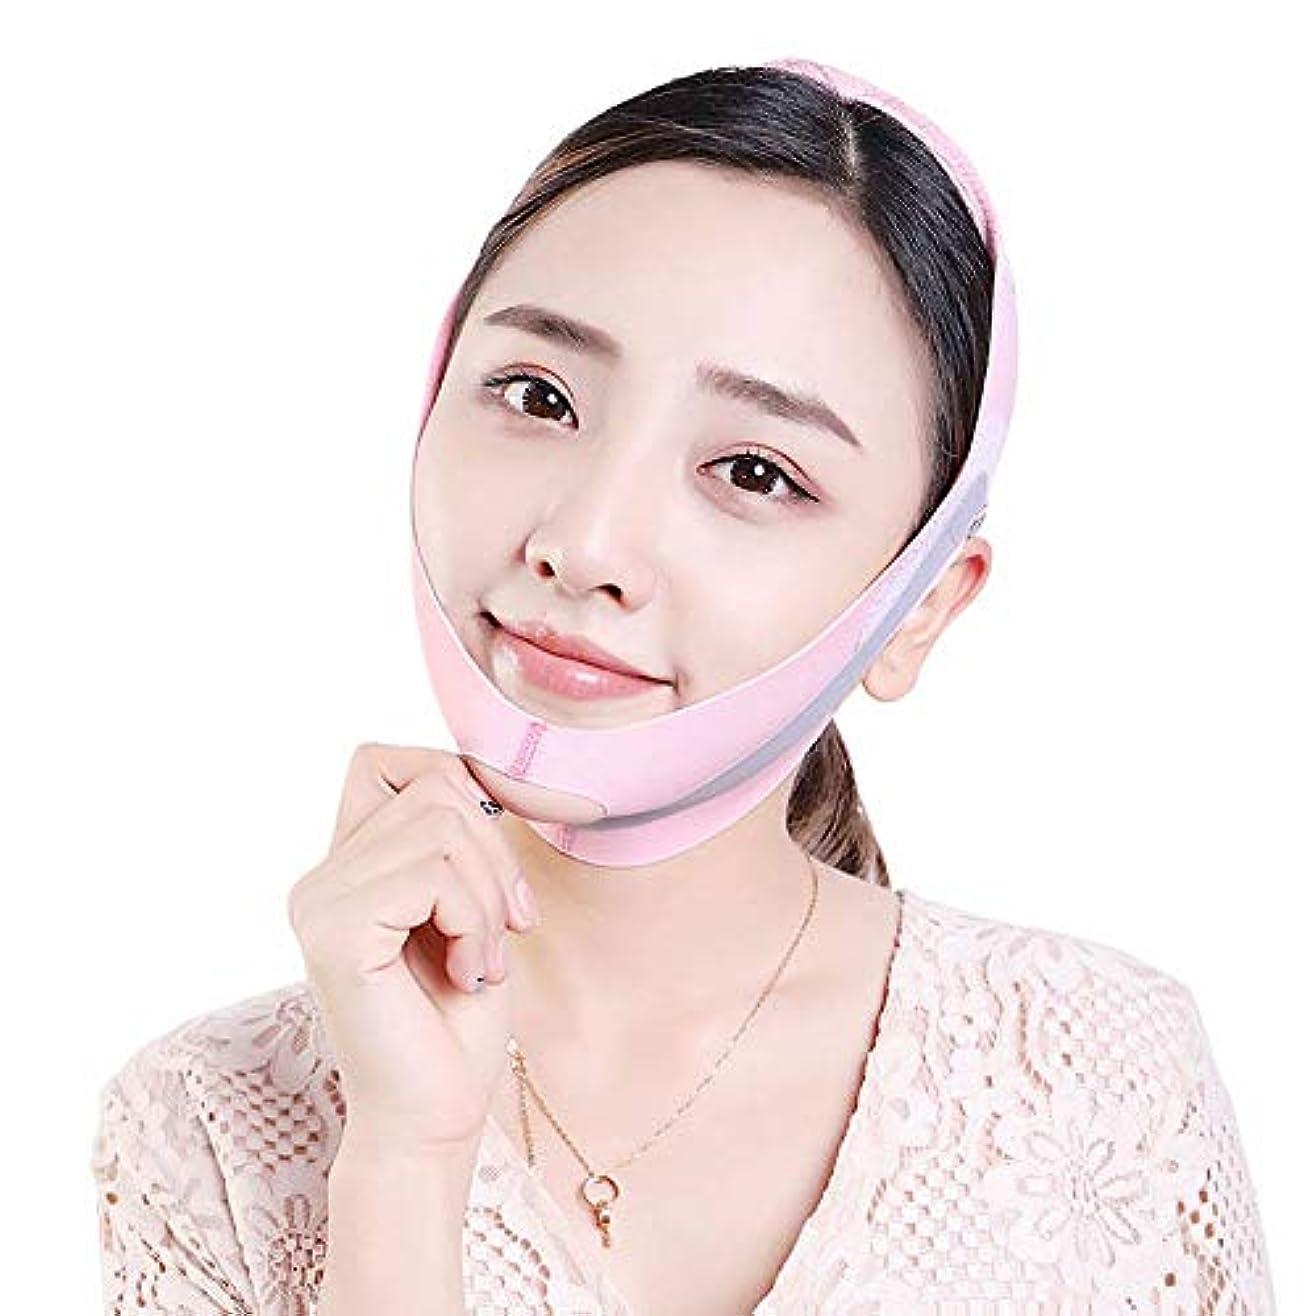 いちゃつく正直郵便GYZ たるみを防ぐために顔を持ち上げるために筋肉を引き締めるために二重あごのステッカーとラインを削除するために、顔を持ち上げるアーティファクト包帯があります - ピンク Thin Face Belt